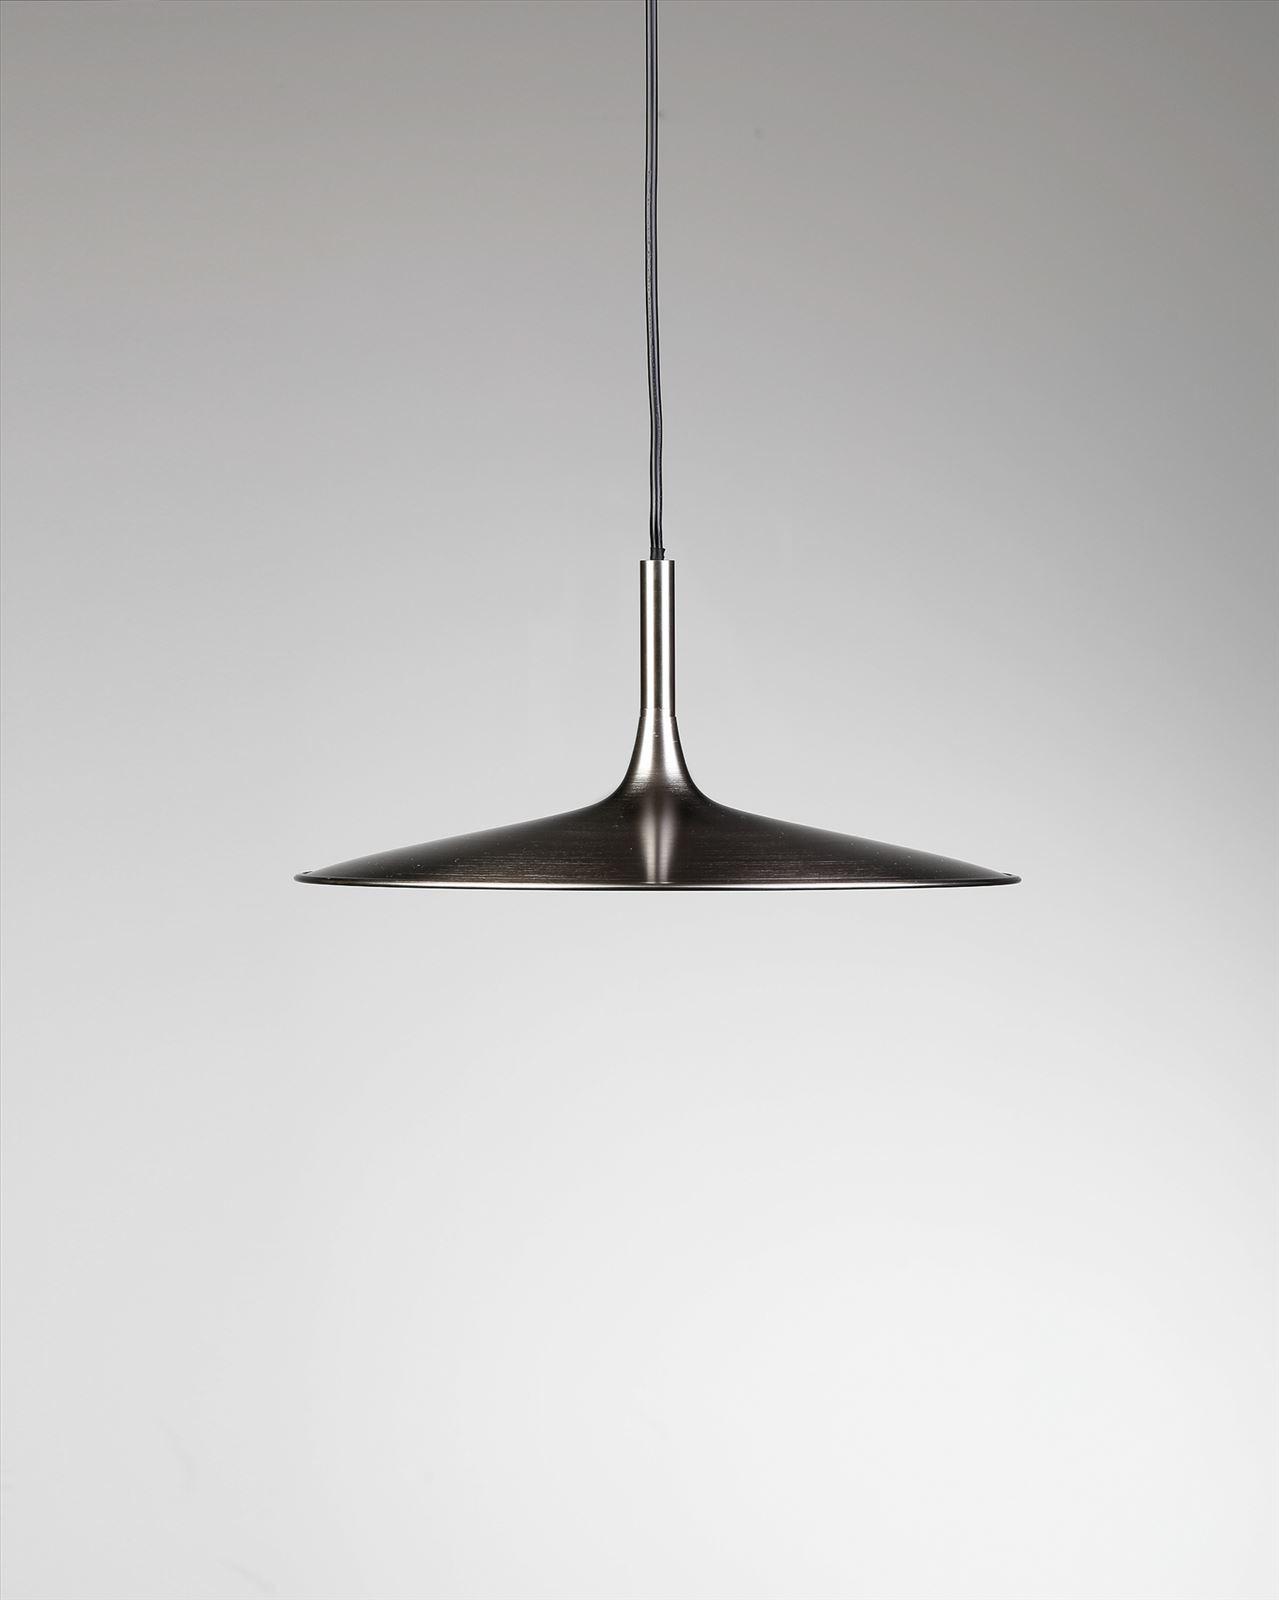 גופי תאורה בקטגוריית: מנורות תלויות ,שם המוצר: RUMBA